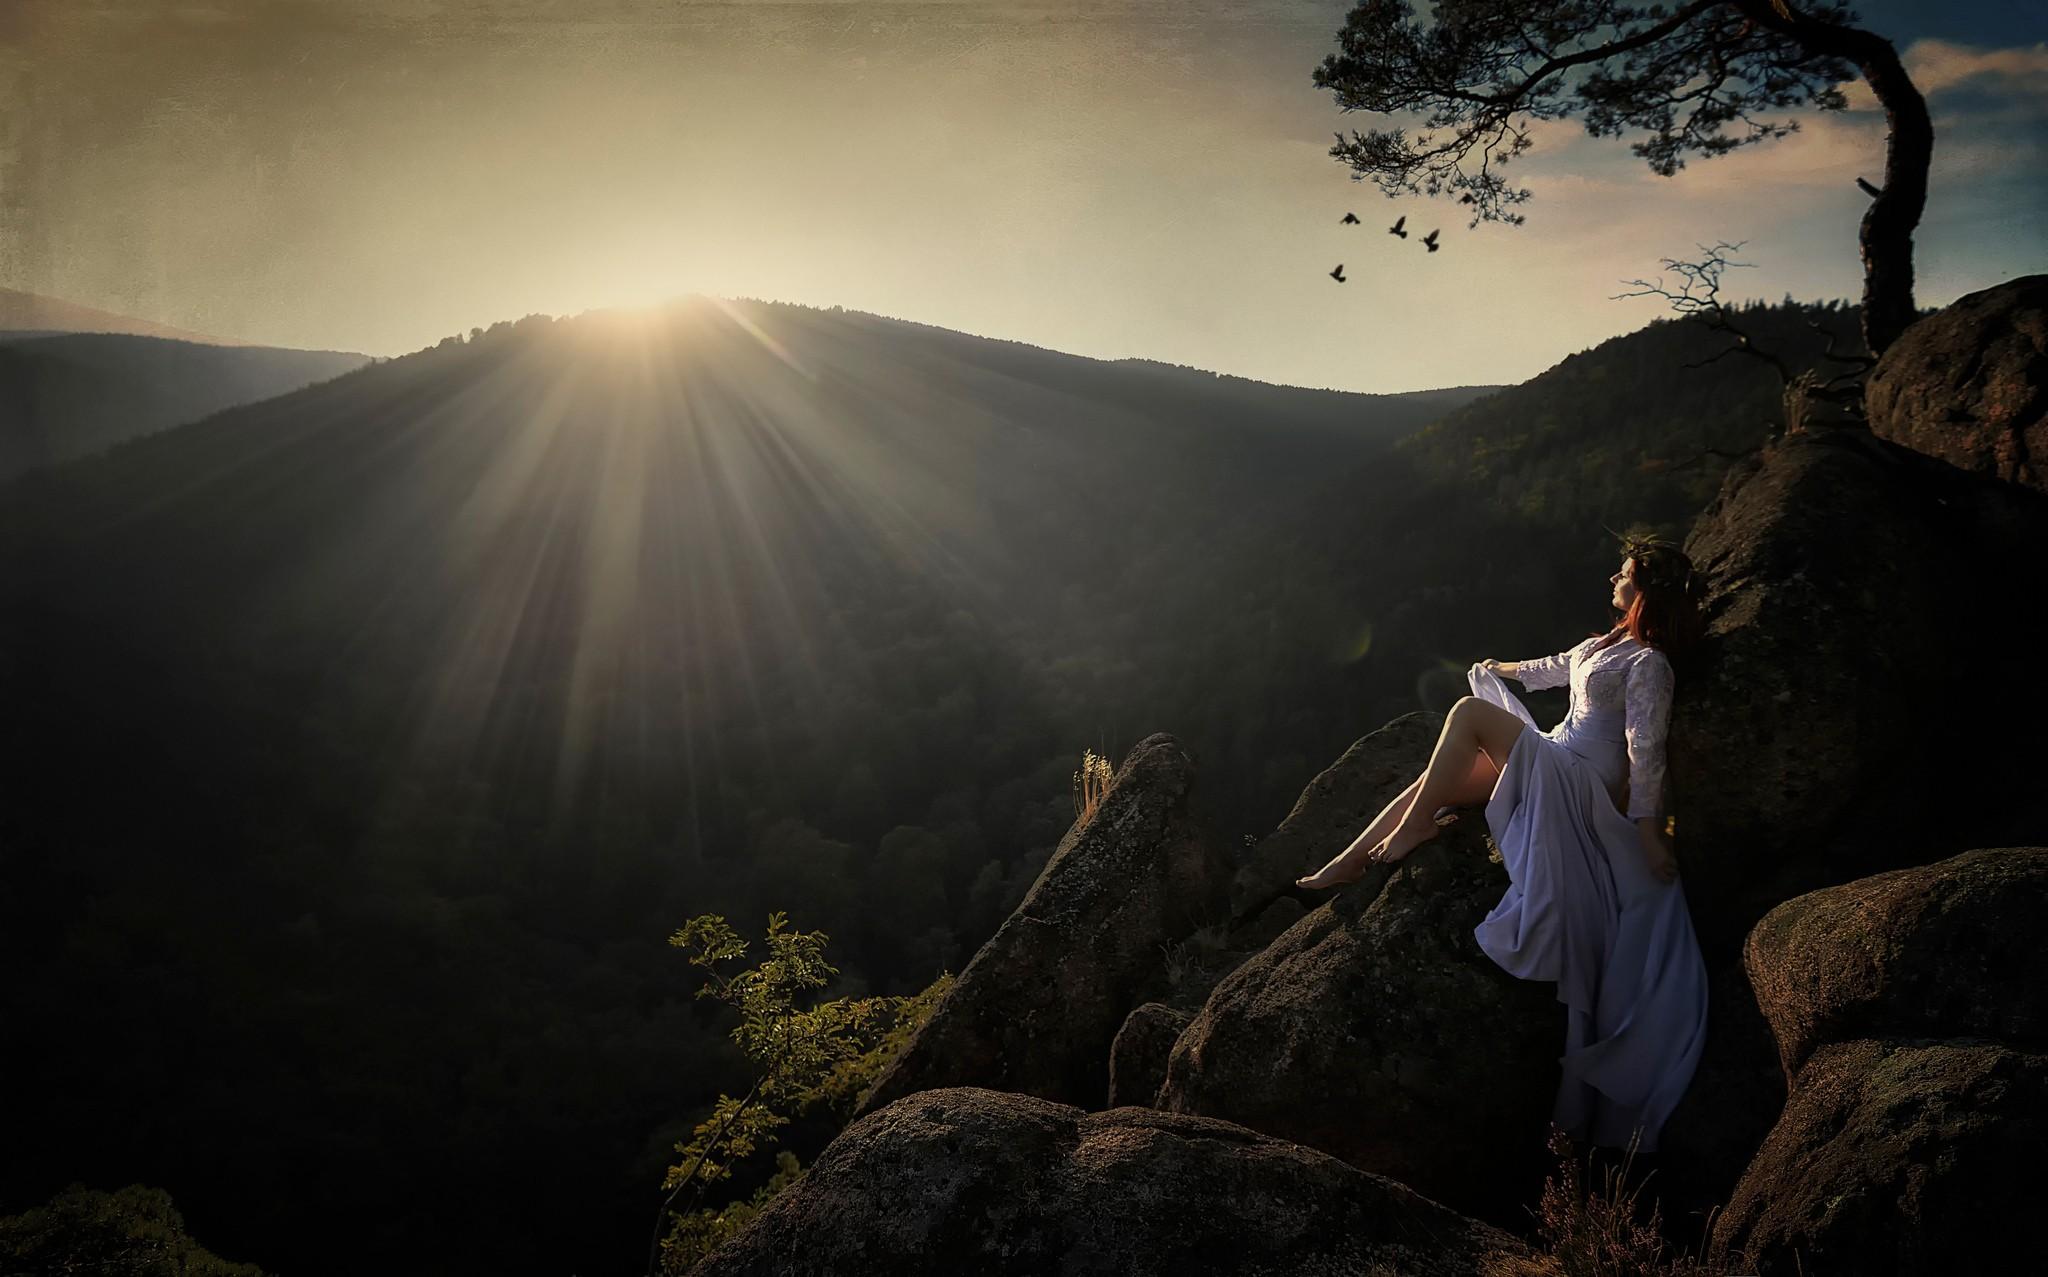 Wallpaper : sunlight, mountains, women outdoors, redhead